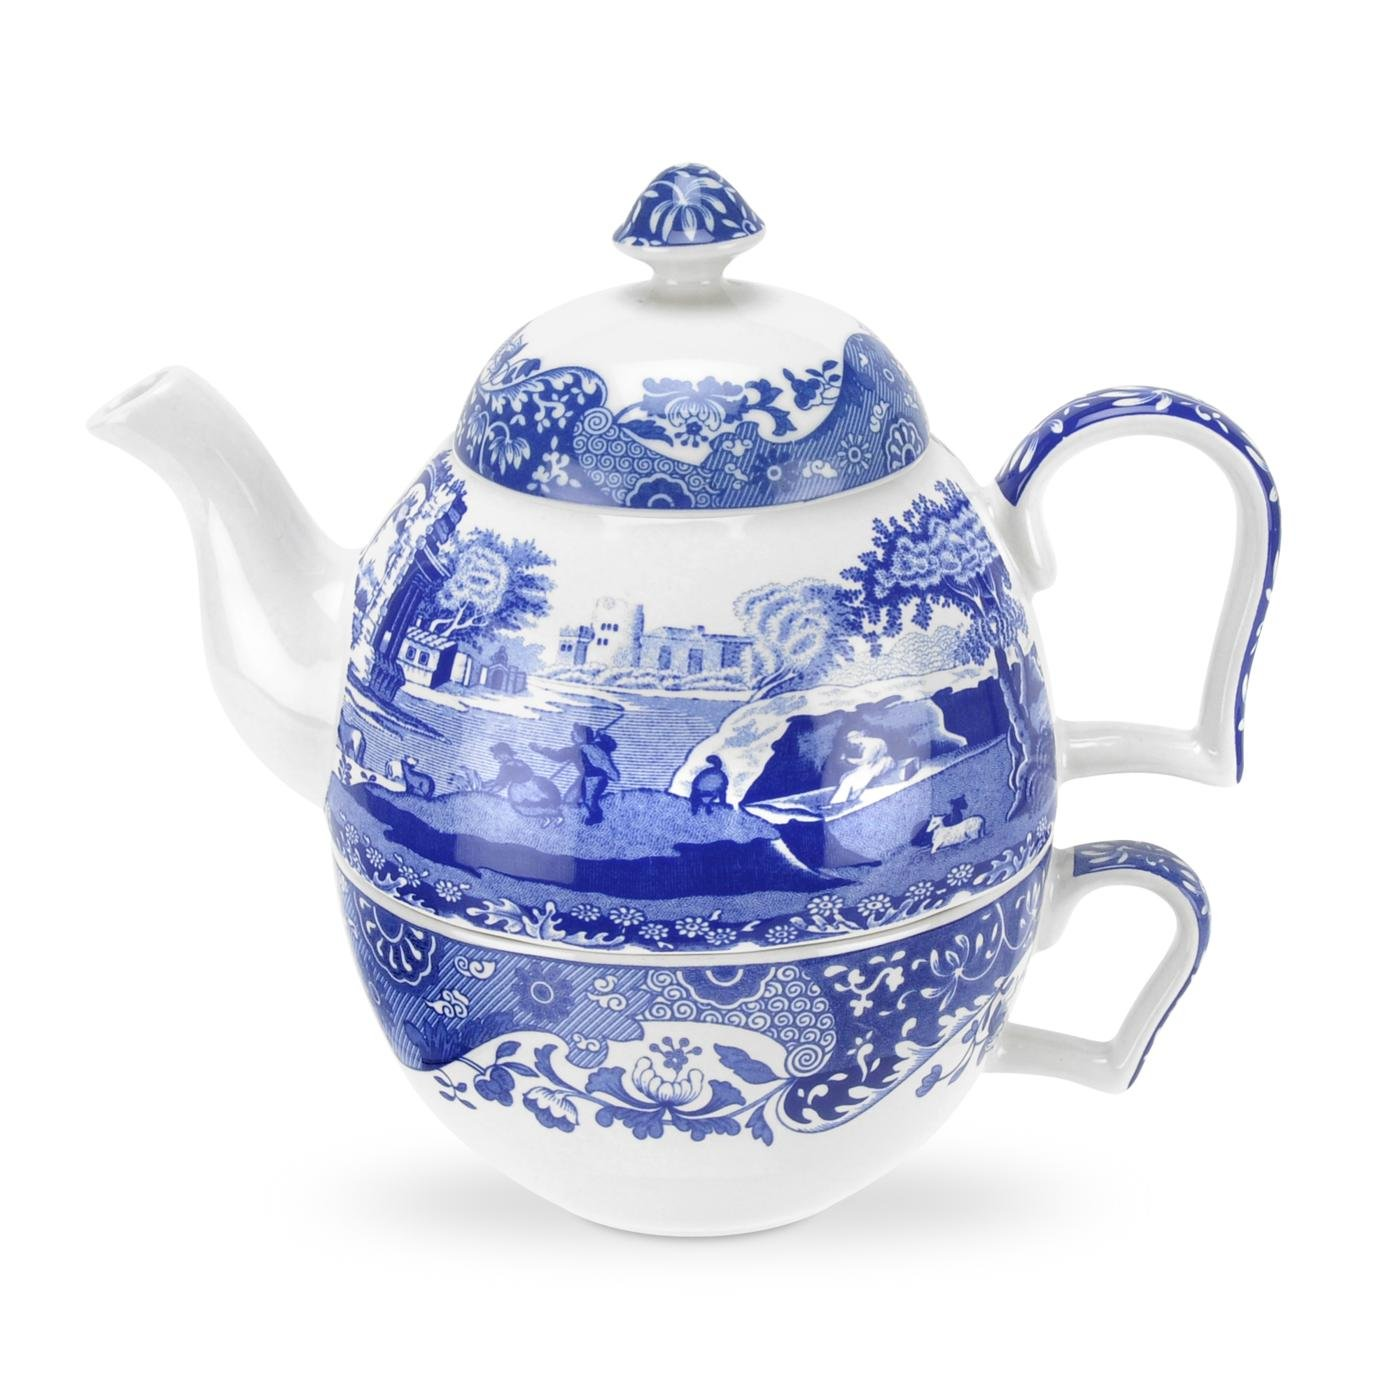 Bleu//Blanc Italienne Bleu 0.45/Litre /à th/é en Porcelaine pour Une Personne